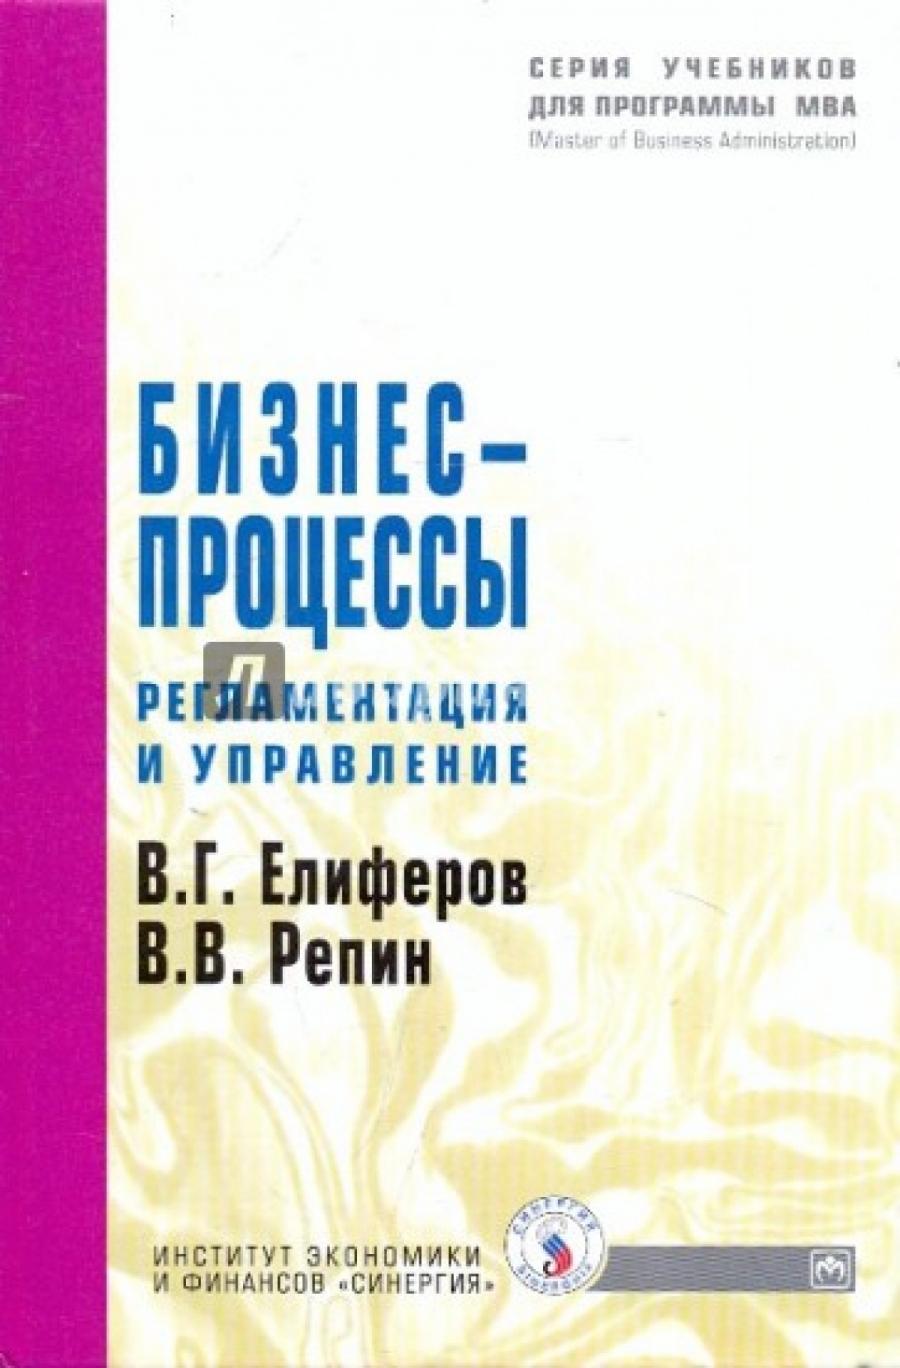 Обложка книги:  елиферов в. г., репин в. в. - бизнес-процессы регламентация и управление